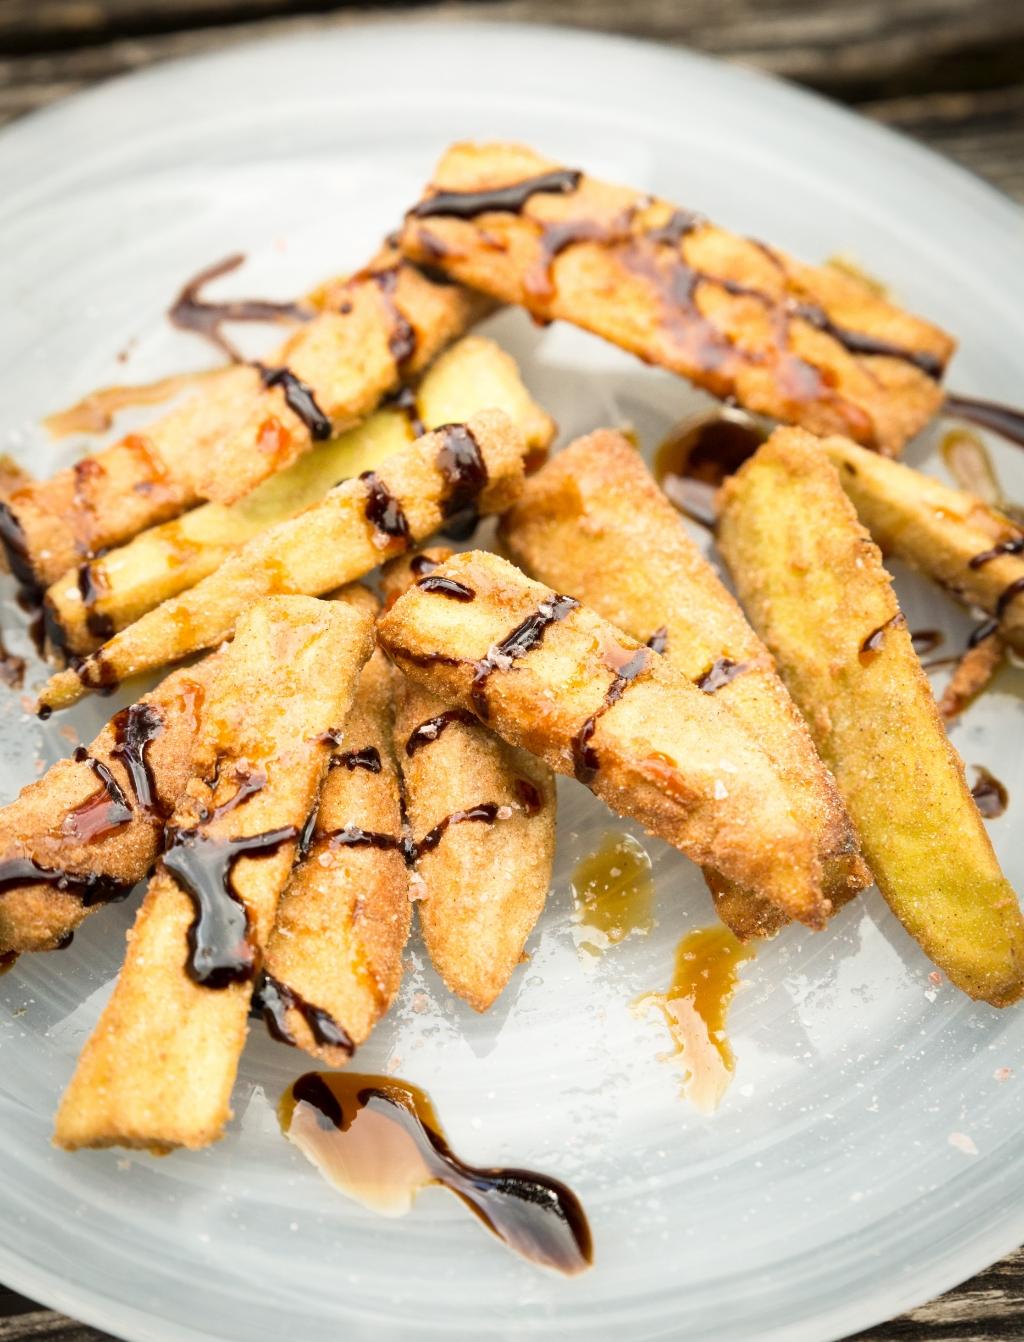 Ook Spanjaarden weten raad met aubergines. Een klassieker zijn de berenjenas, frieten van aubergine. Jaap van Rijn © BDU media